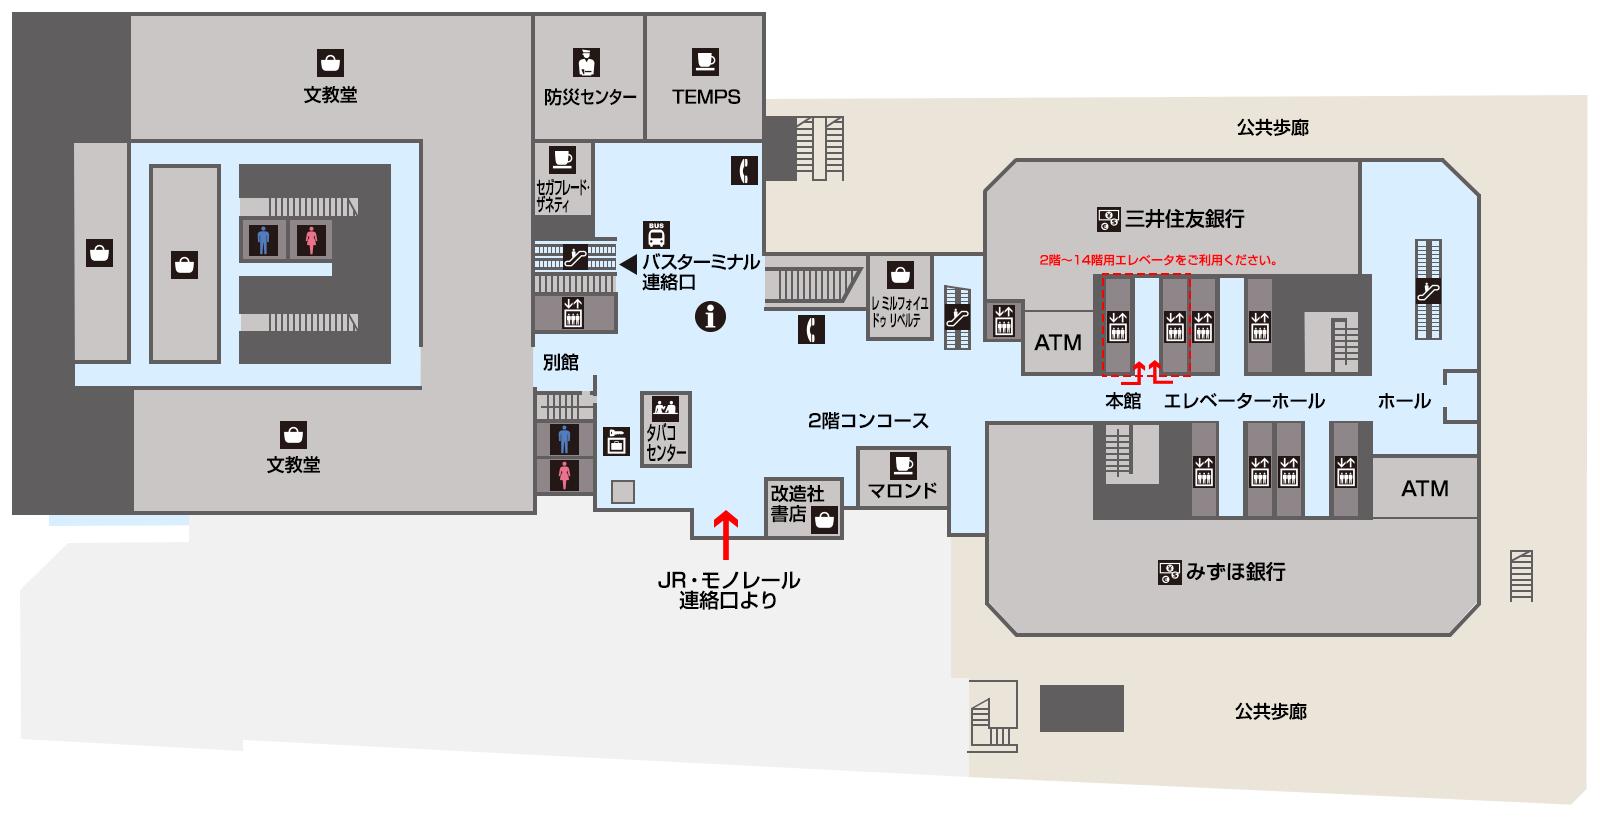 貿易センタービル案内図